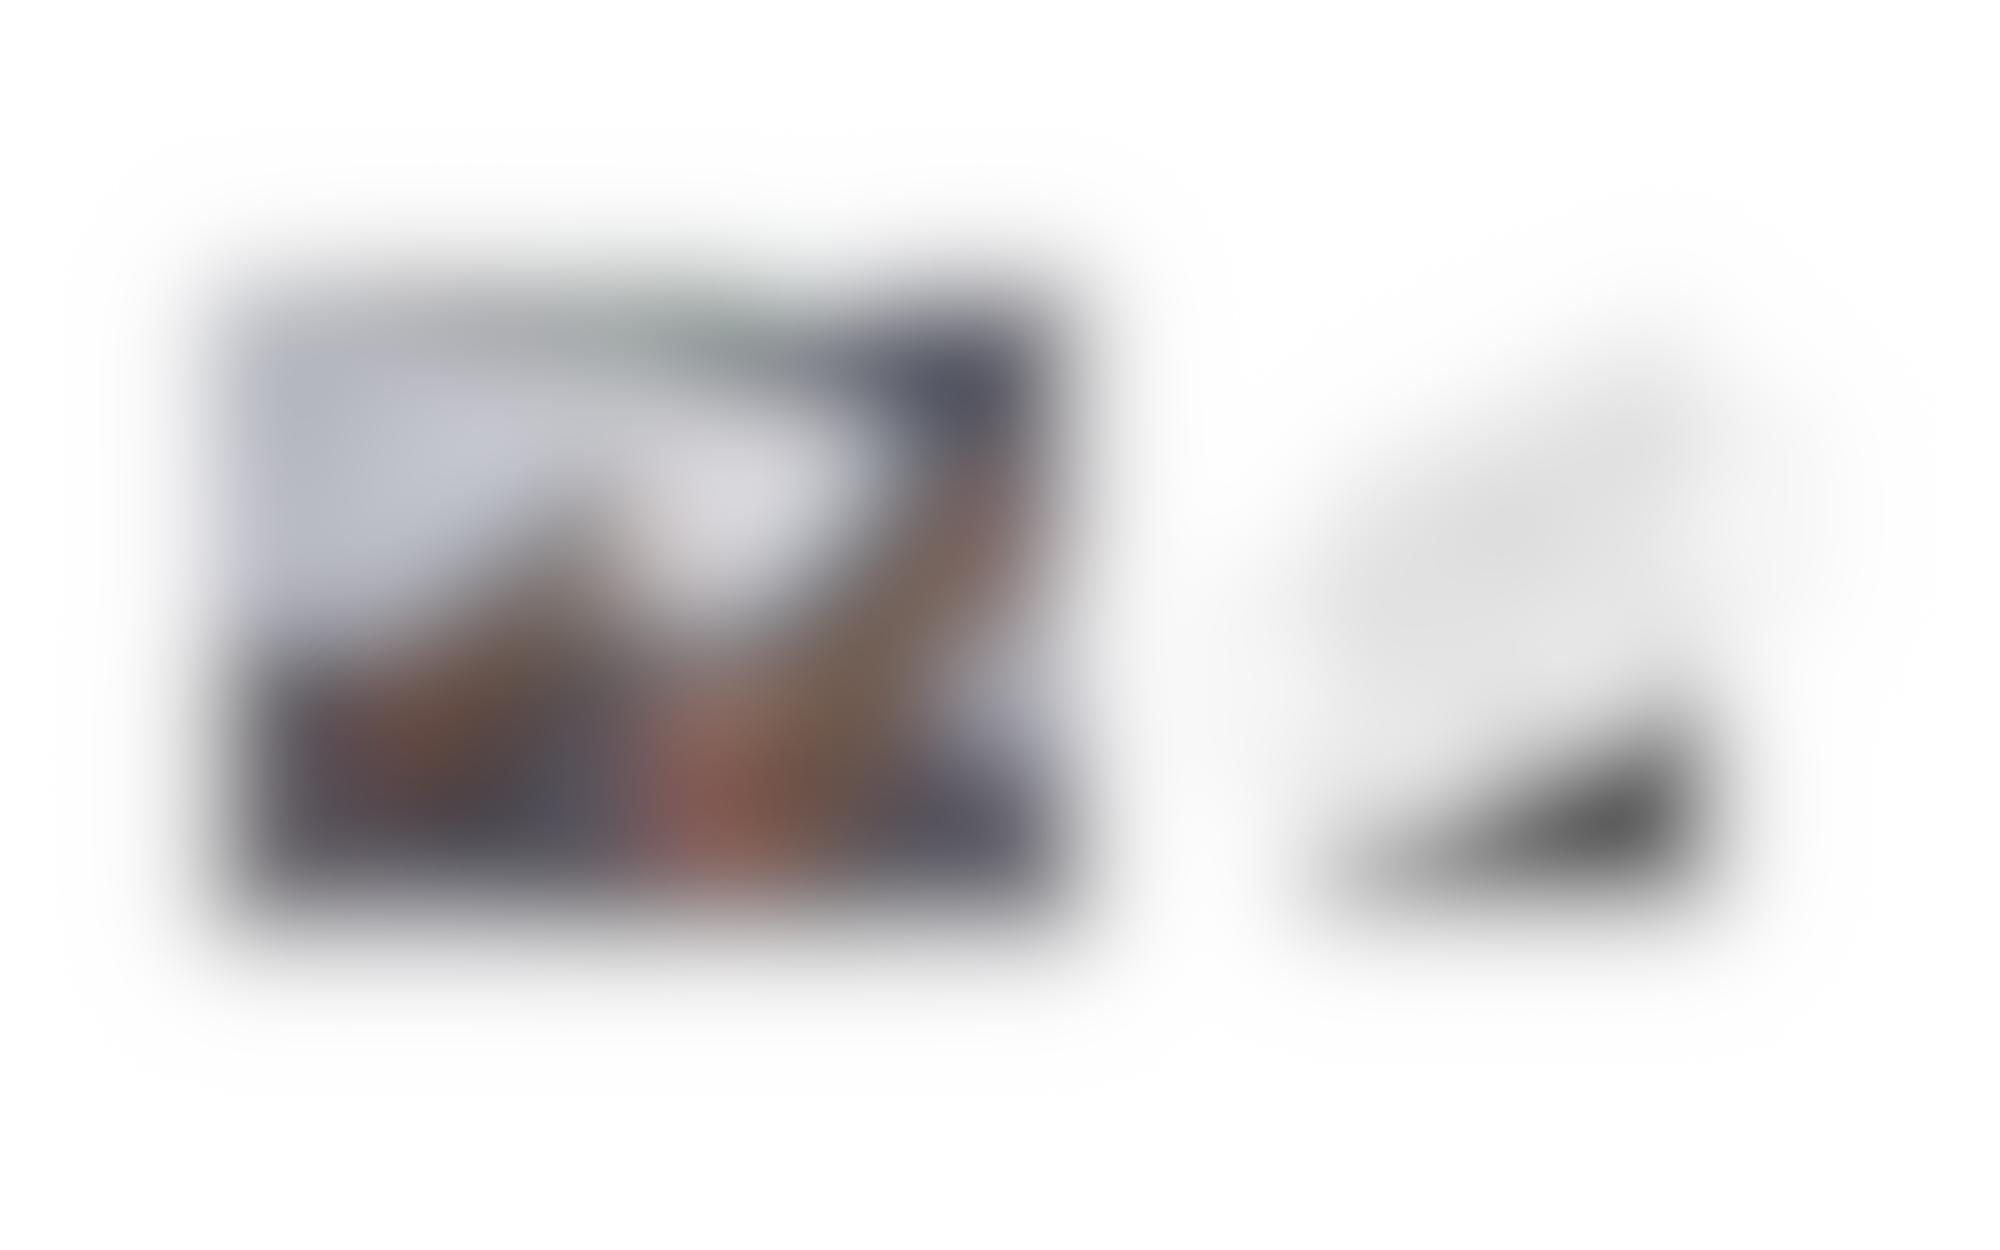 Pjudsontranslate2 autocompressfitresizeixlibphp 1 1 0max h2000max w3 D2000q80s9f62971688f37cd31cfd2f01f103952d